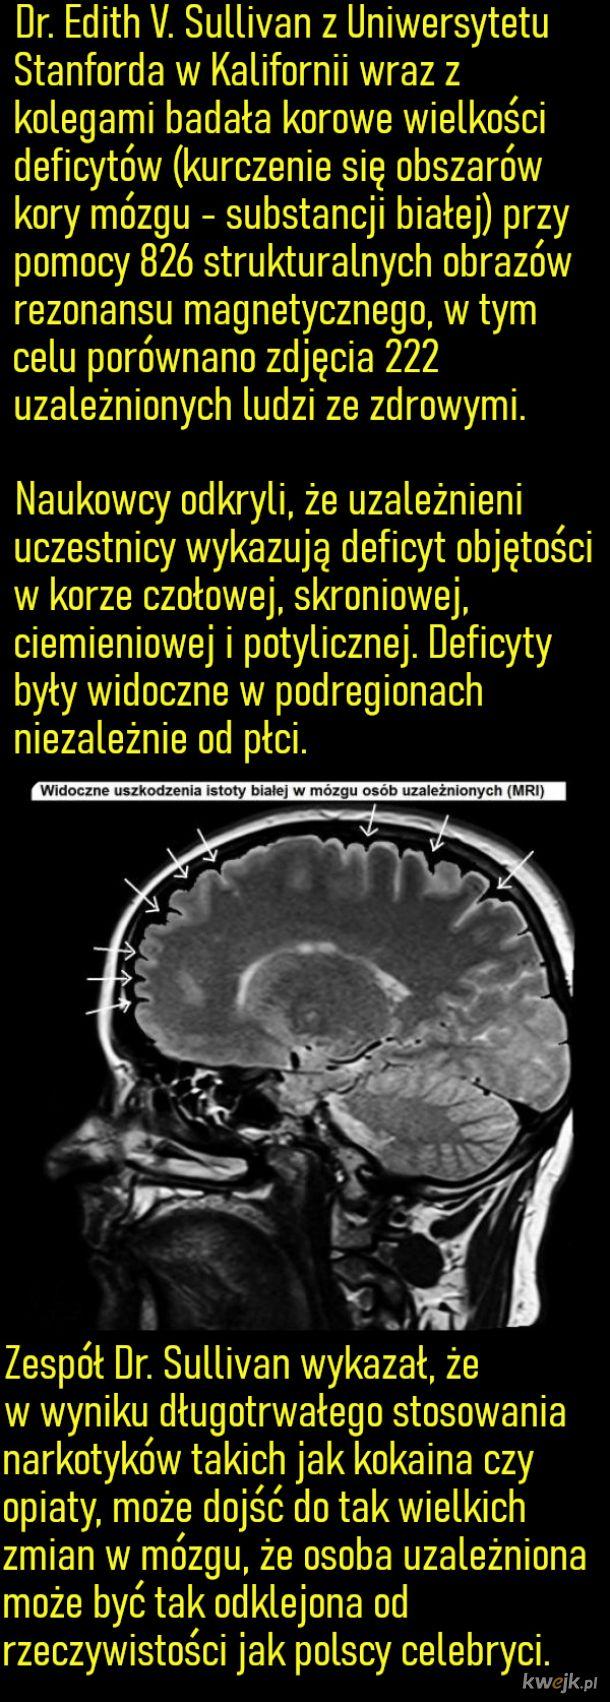 Badanie deficytów w mózgu